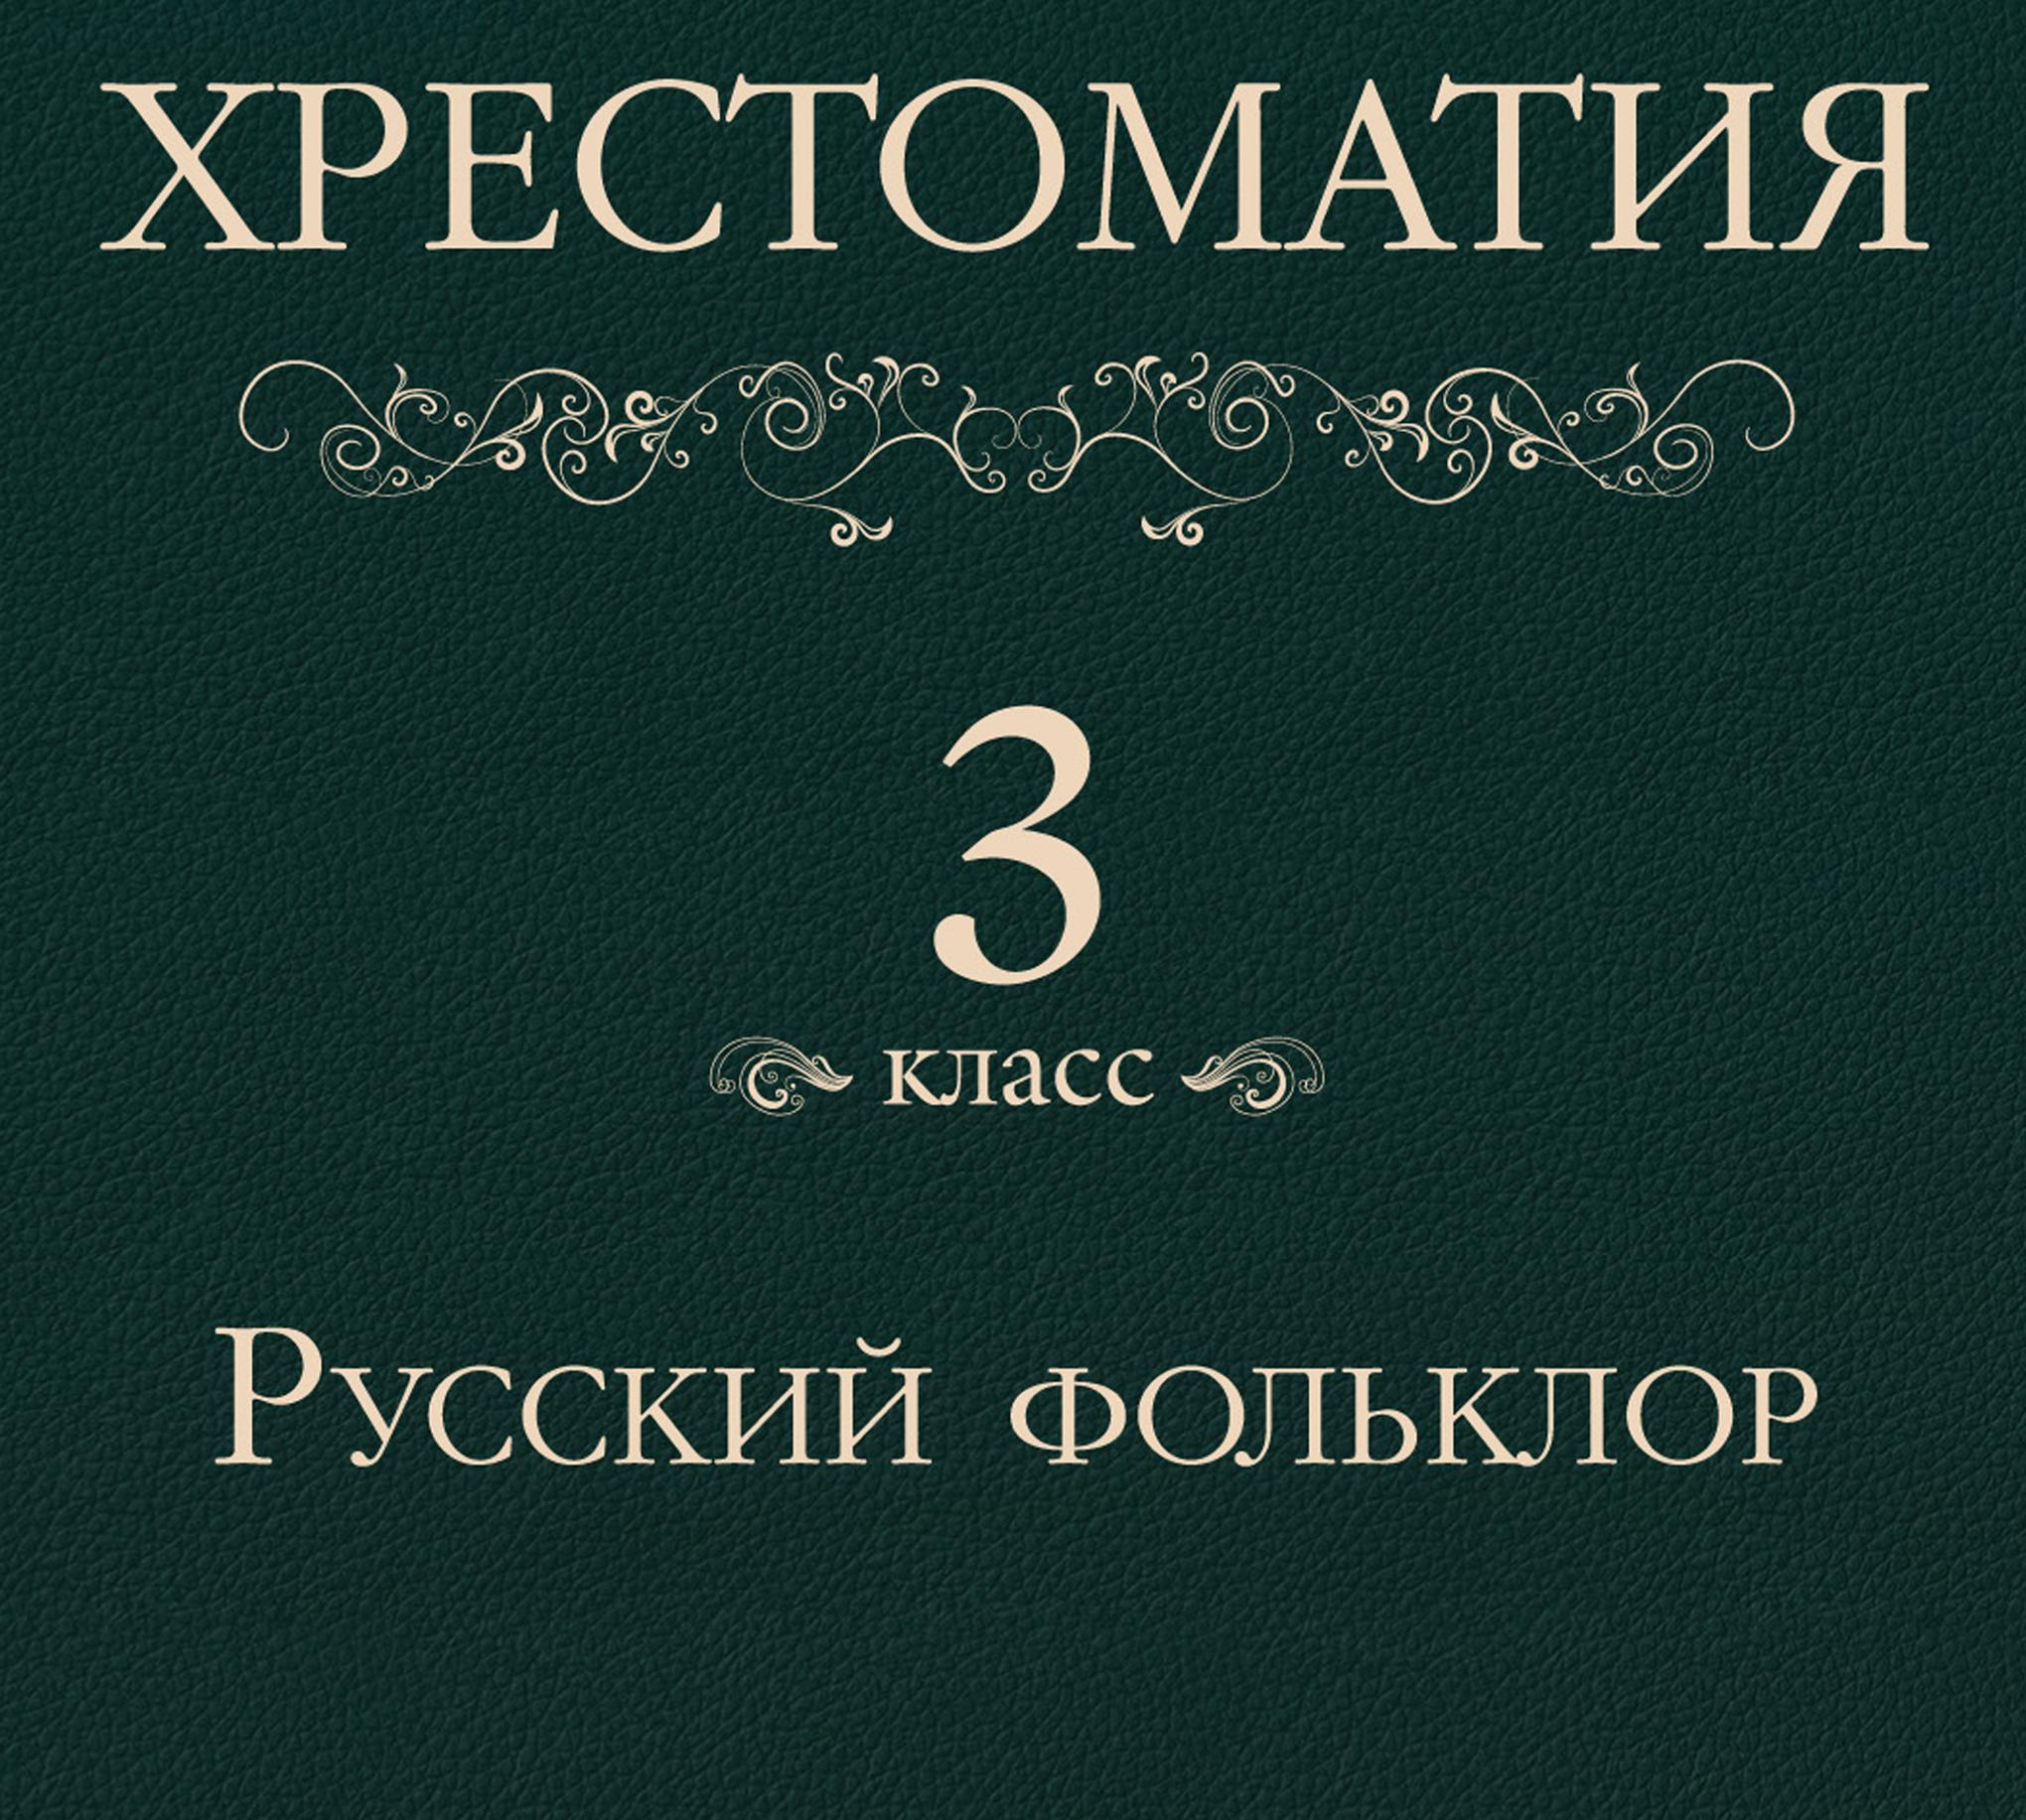 Отсутствует Хрестоматия 3 класс. Русский фольклор корм для грызунов versele laga crispi snack для грызунов сух 650г